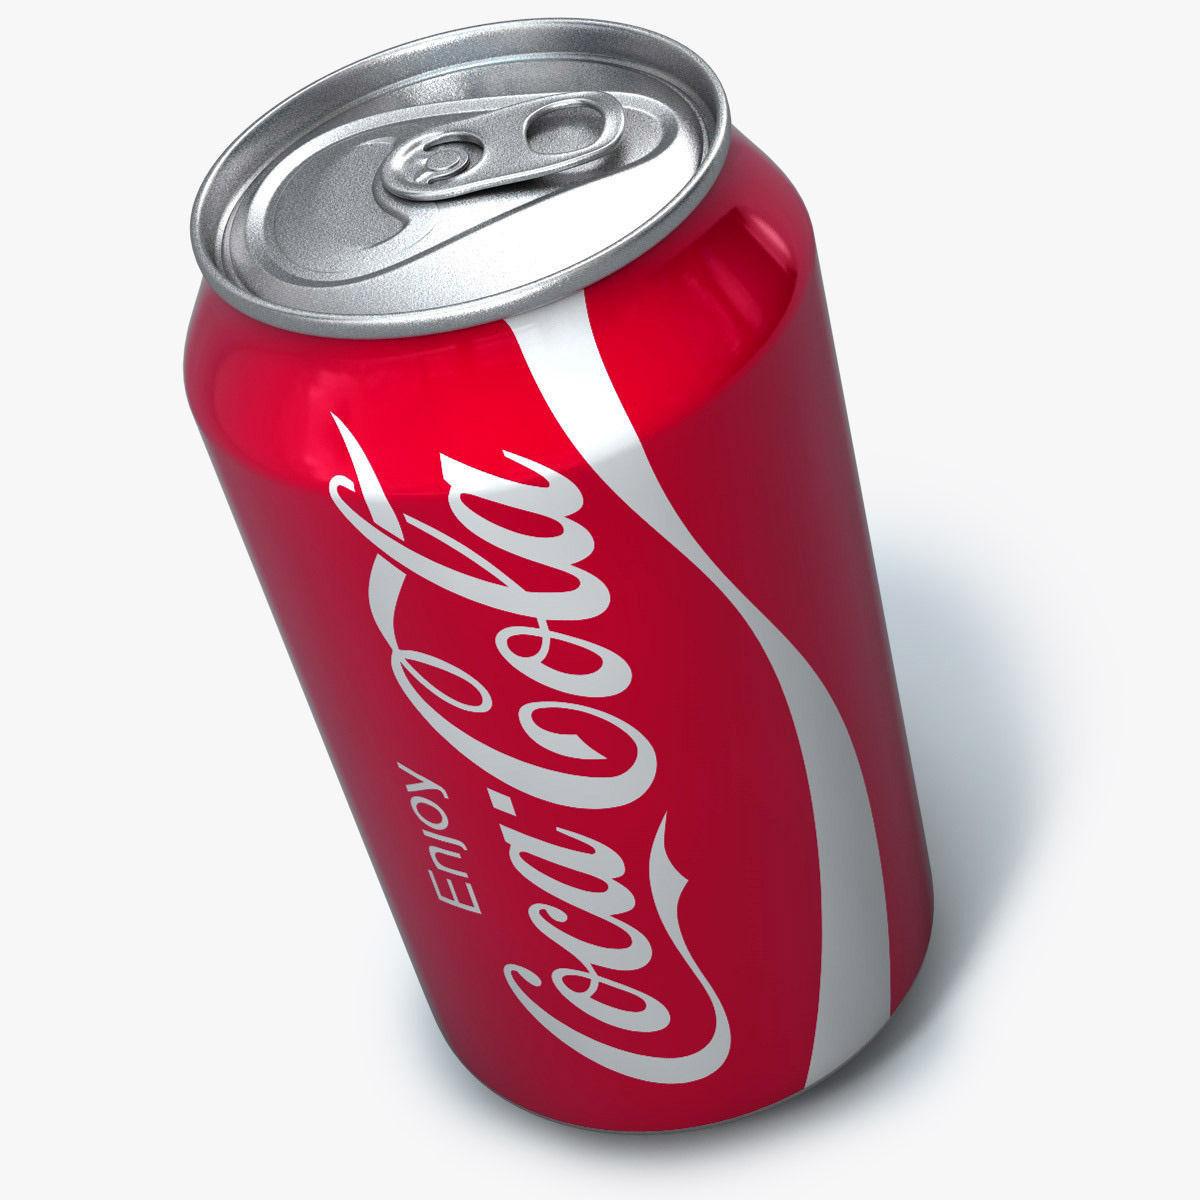 Realistic Coca cola can